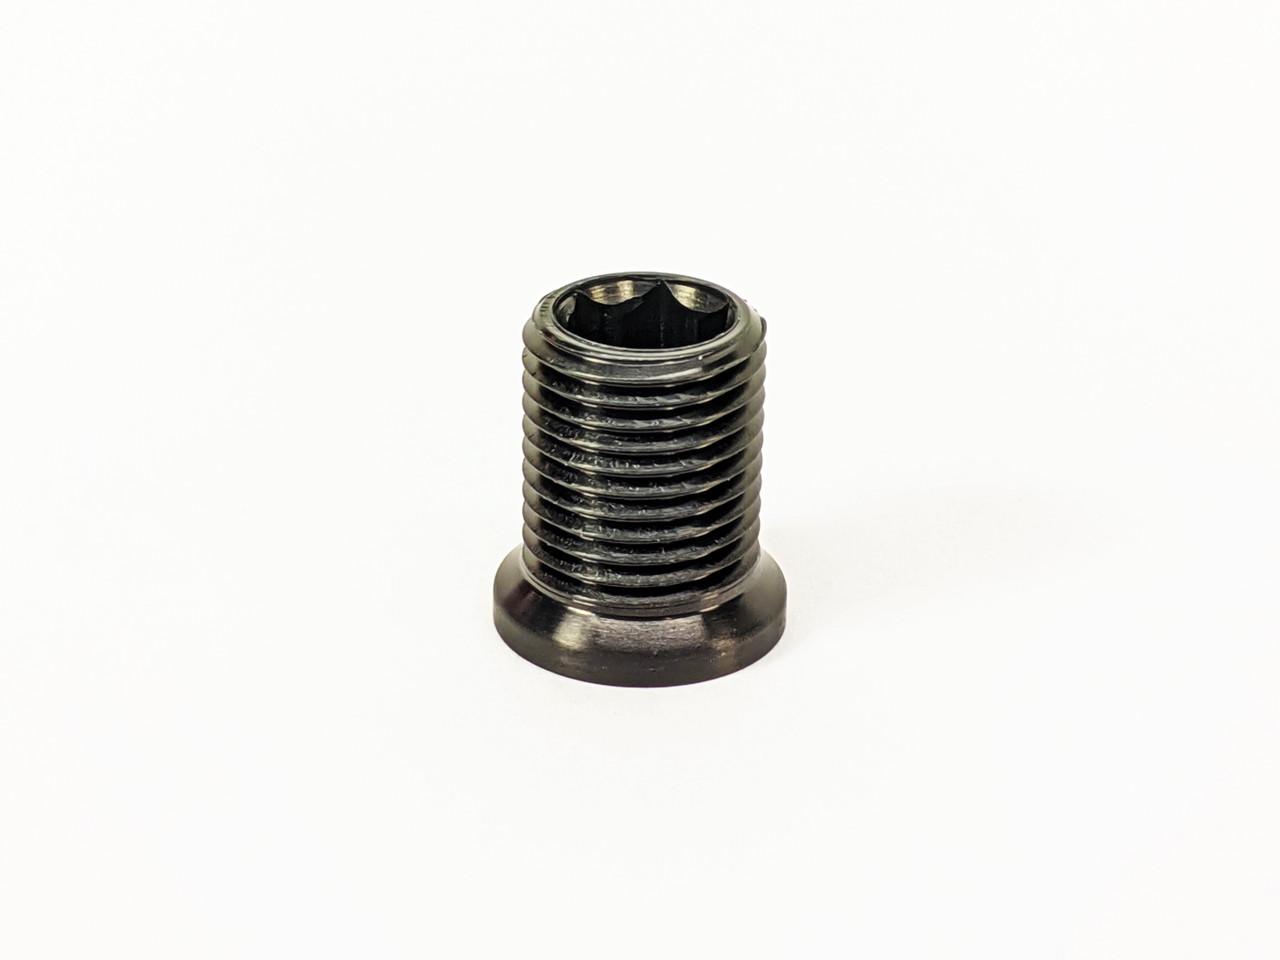 """Idler Main Bracket Adjustable Spacer .700"""" OAL TFX DMPE 200-025-99-1377 C"""